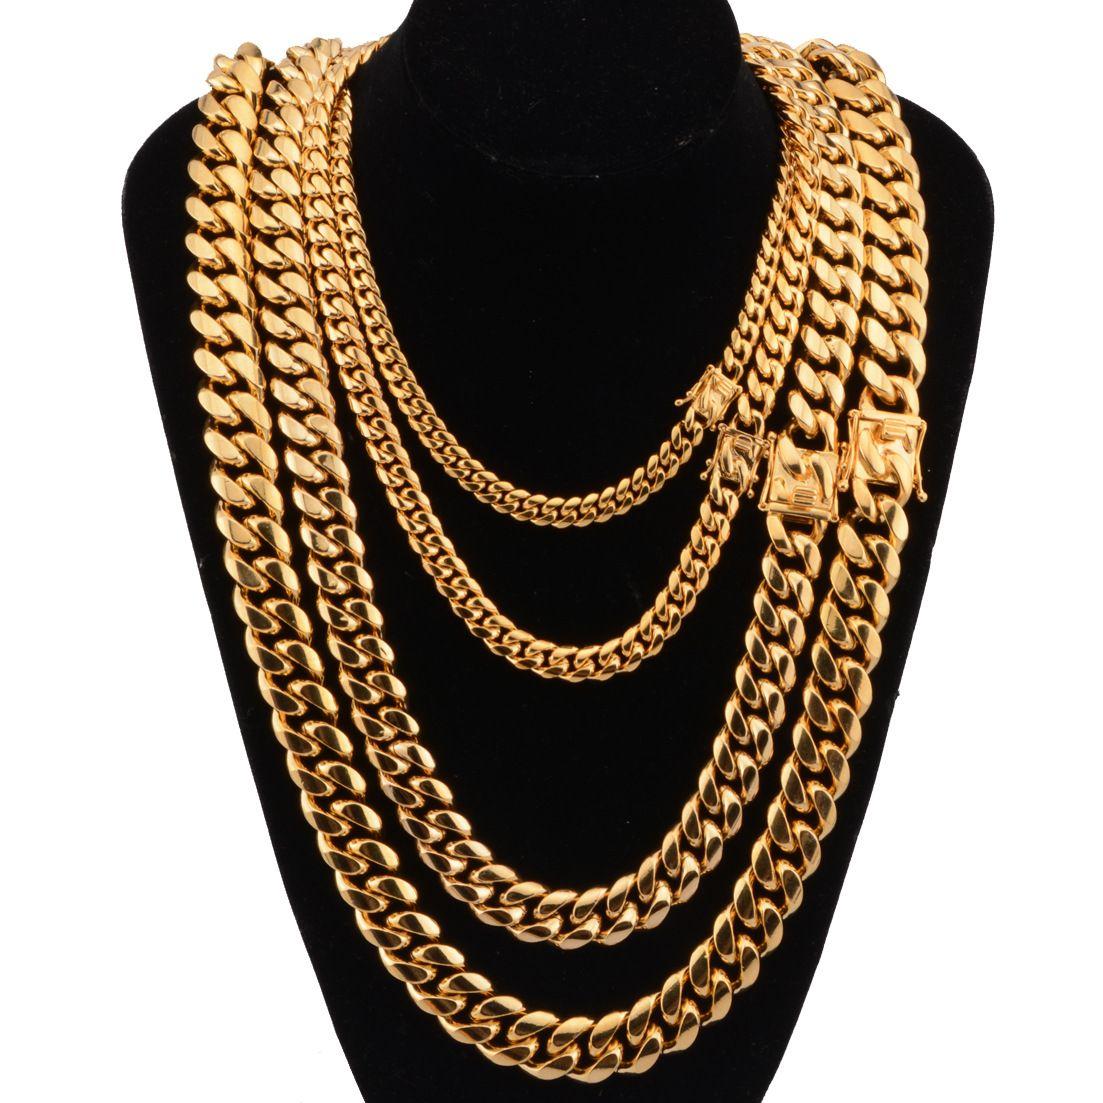 فاخر مصمم القلائد الفولاذ المقاوم للصدأ مجوهرات الهيب هوب قلادة الرجال الكوبية ربط سلسلة طويلة الذهب مغني الراب الإكسسوارات والمجوهرات الجديدة